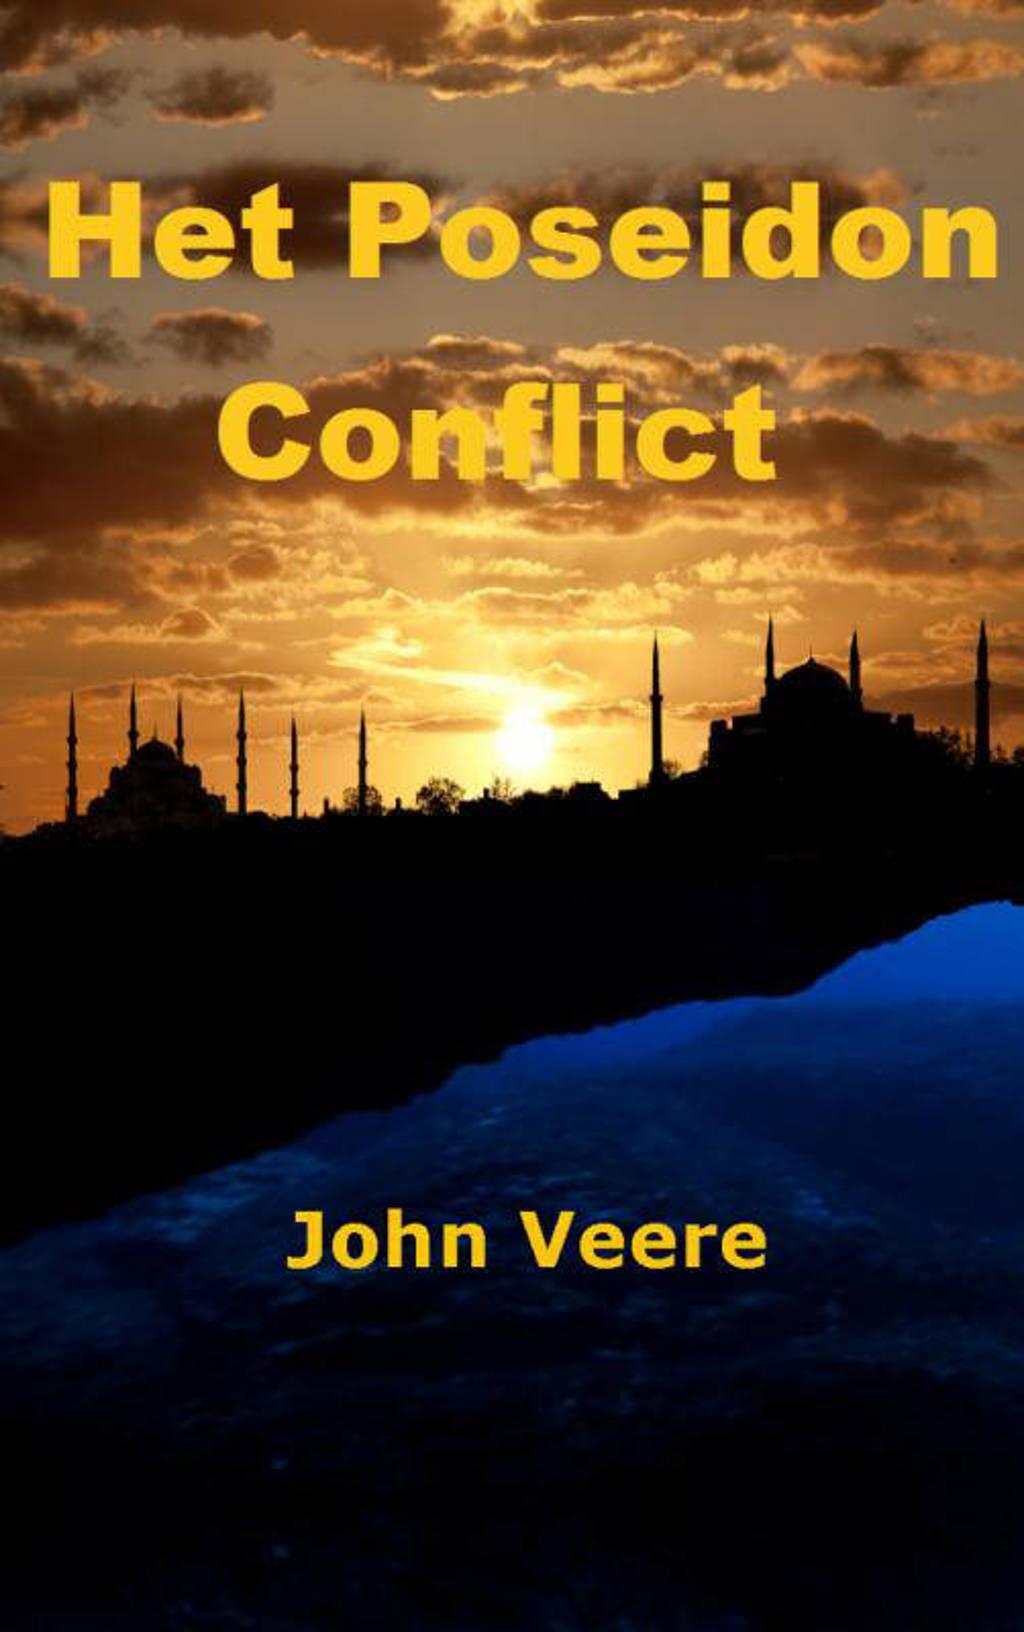 Het Poseidon Conflict - John Veere